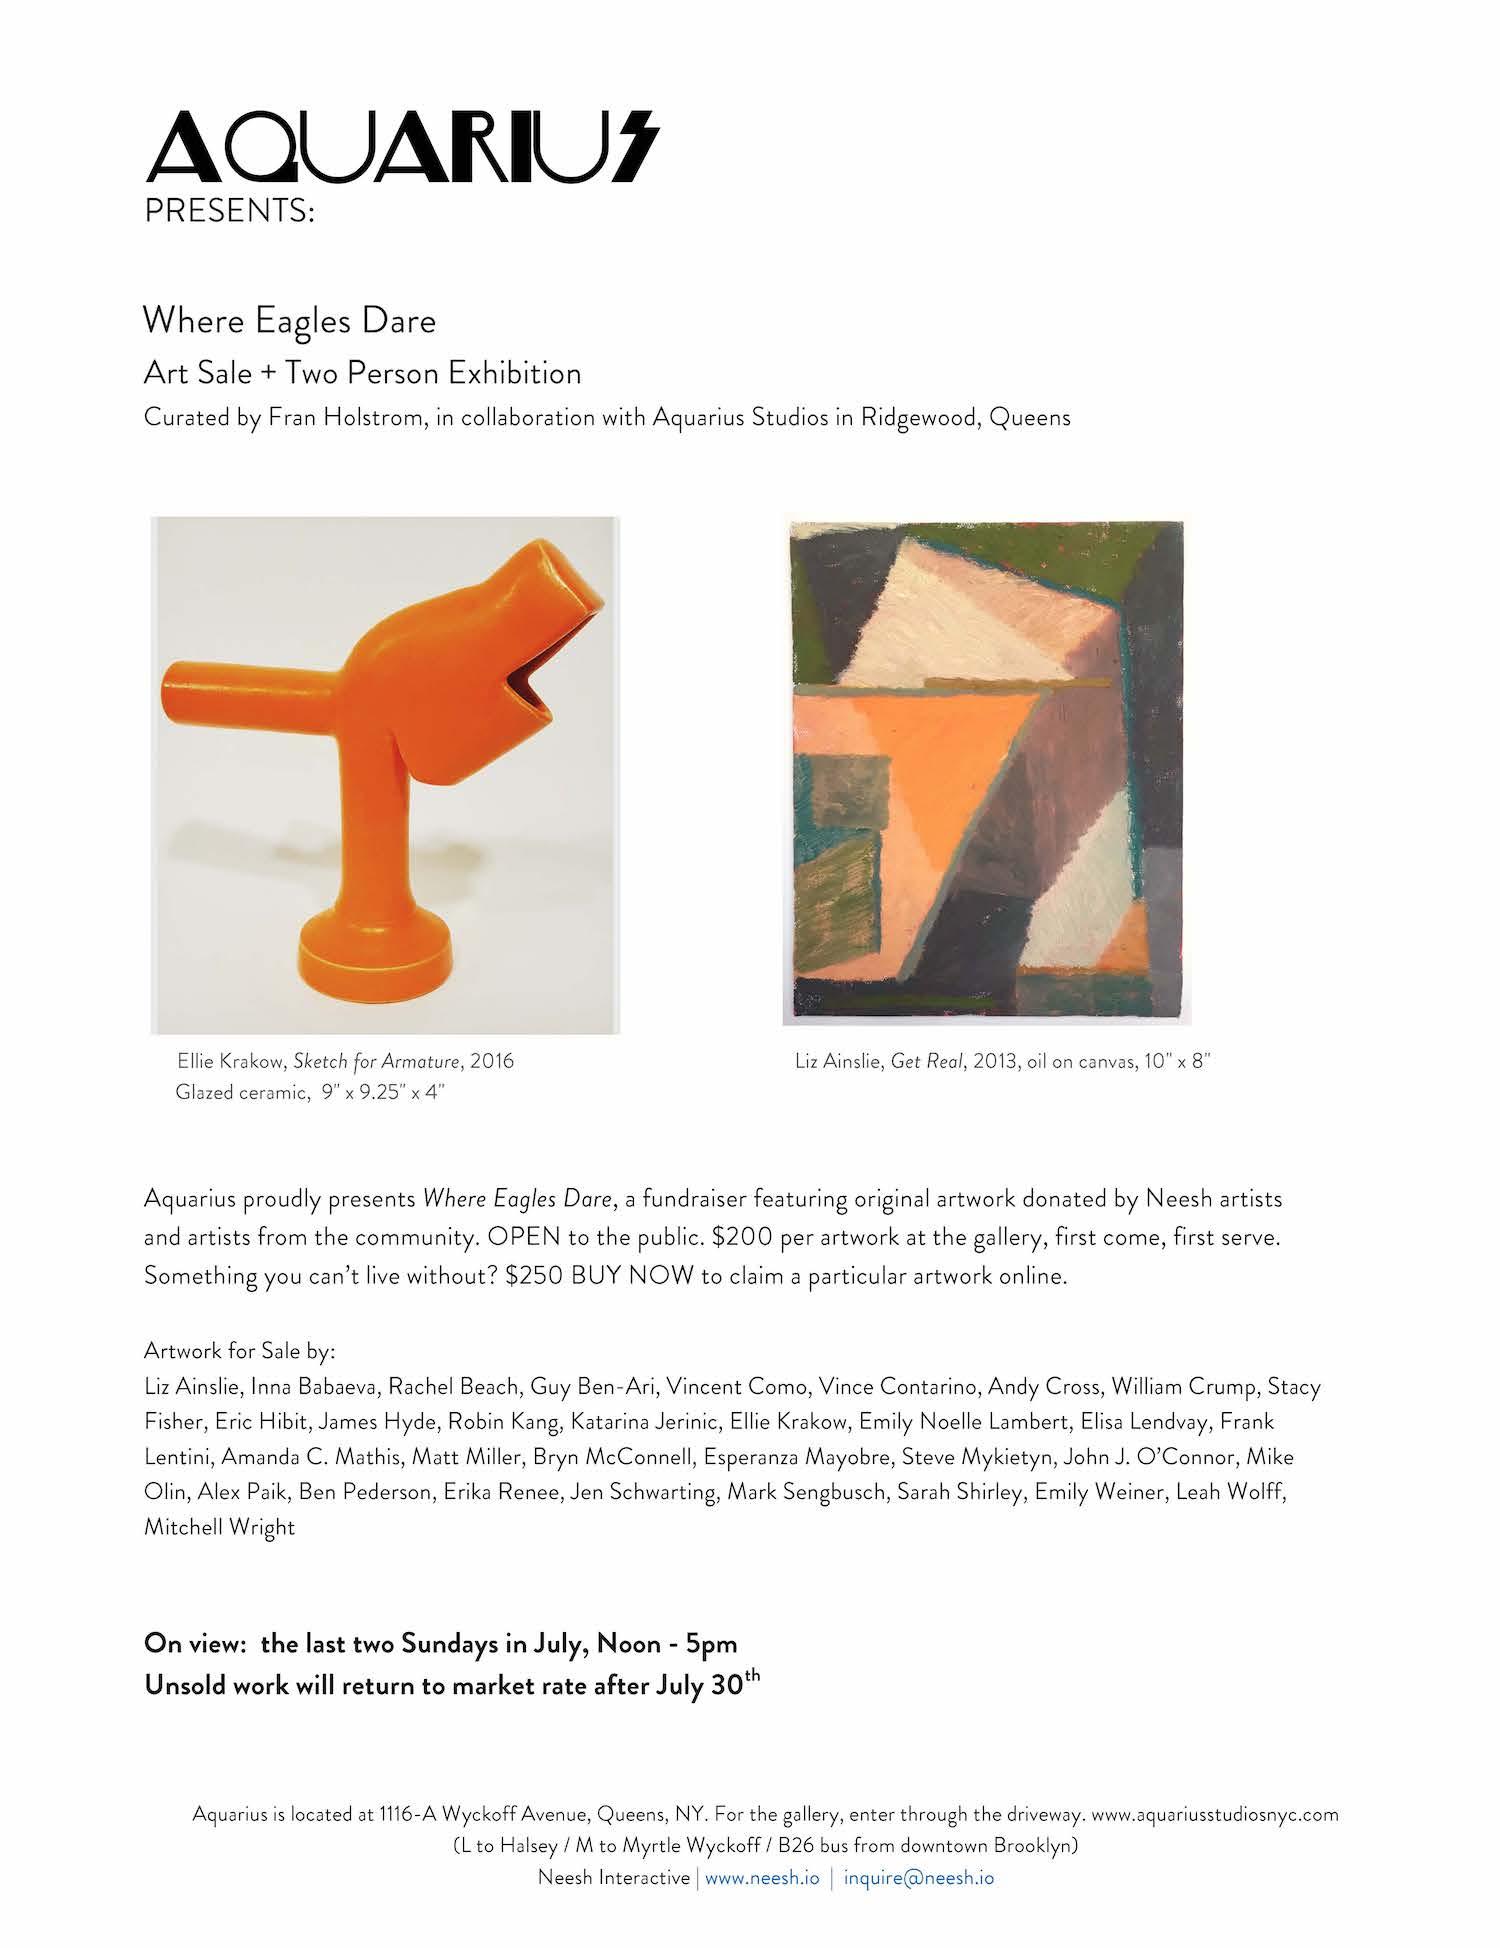 Neesh-Art-Sale-Press-Release.jpg